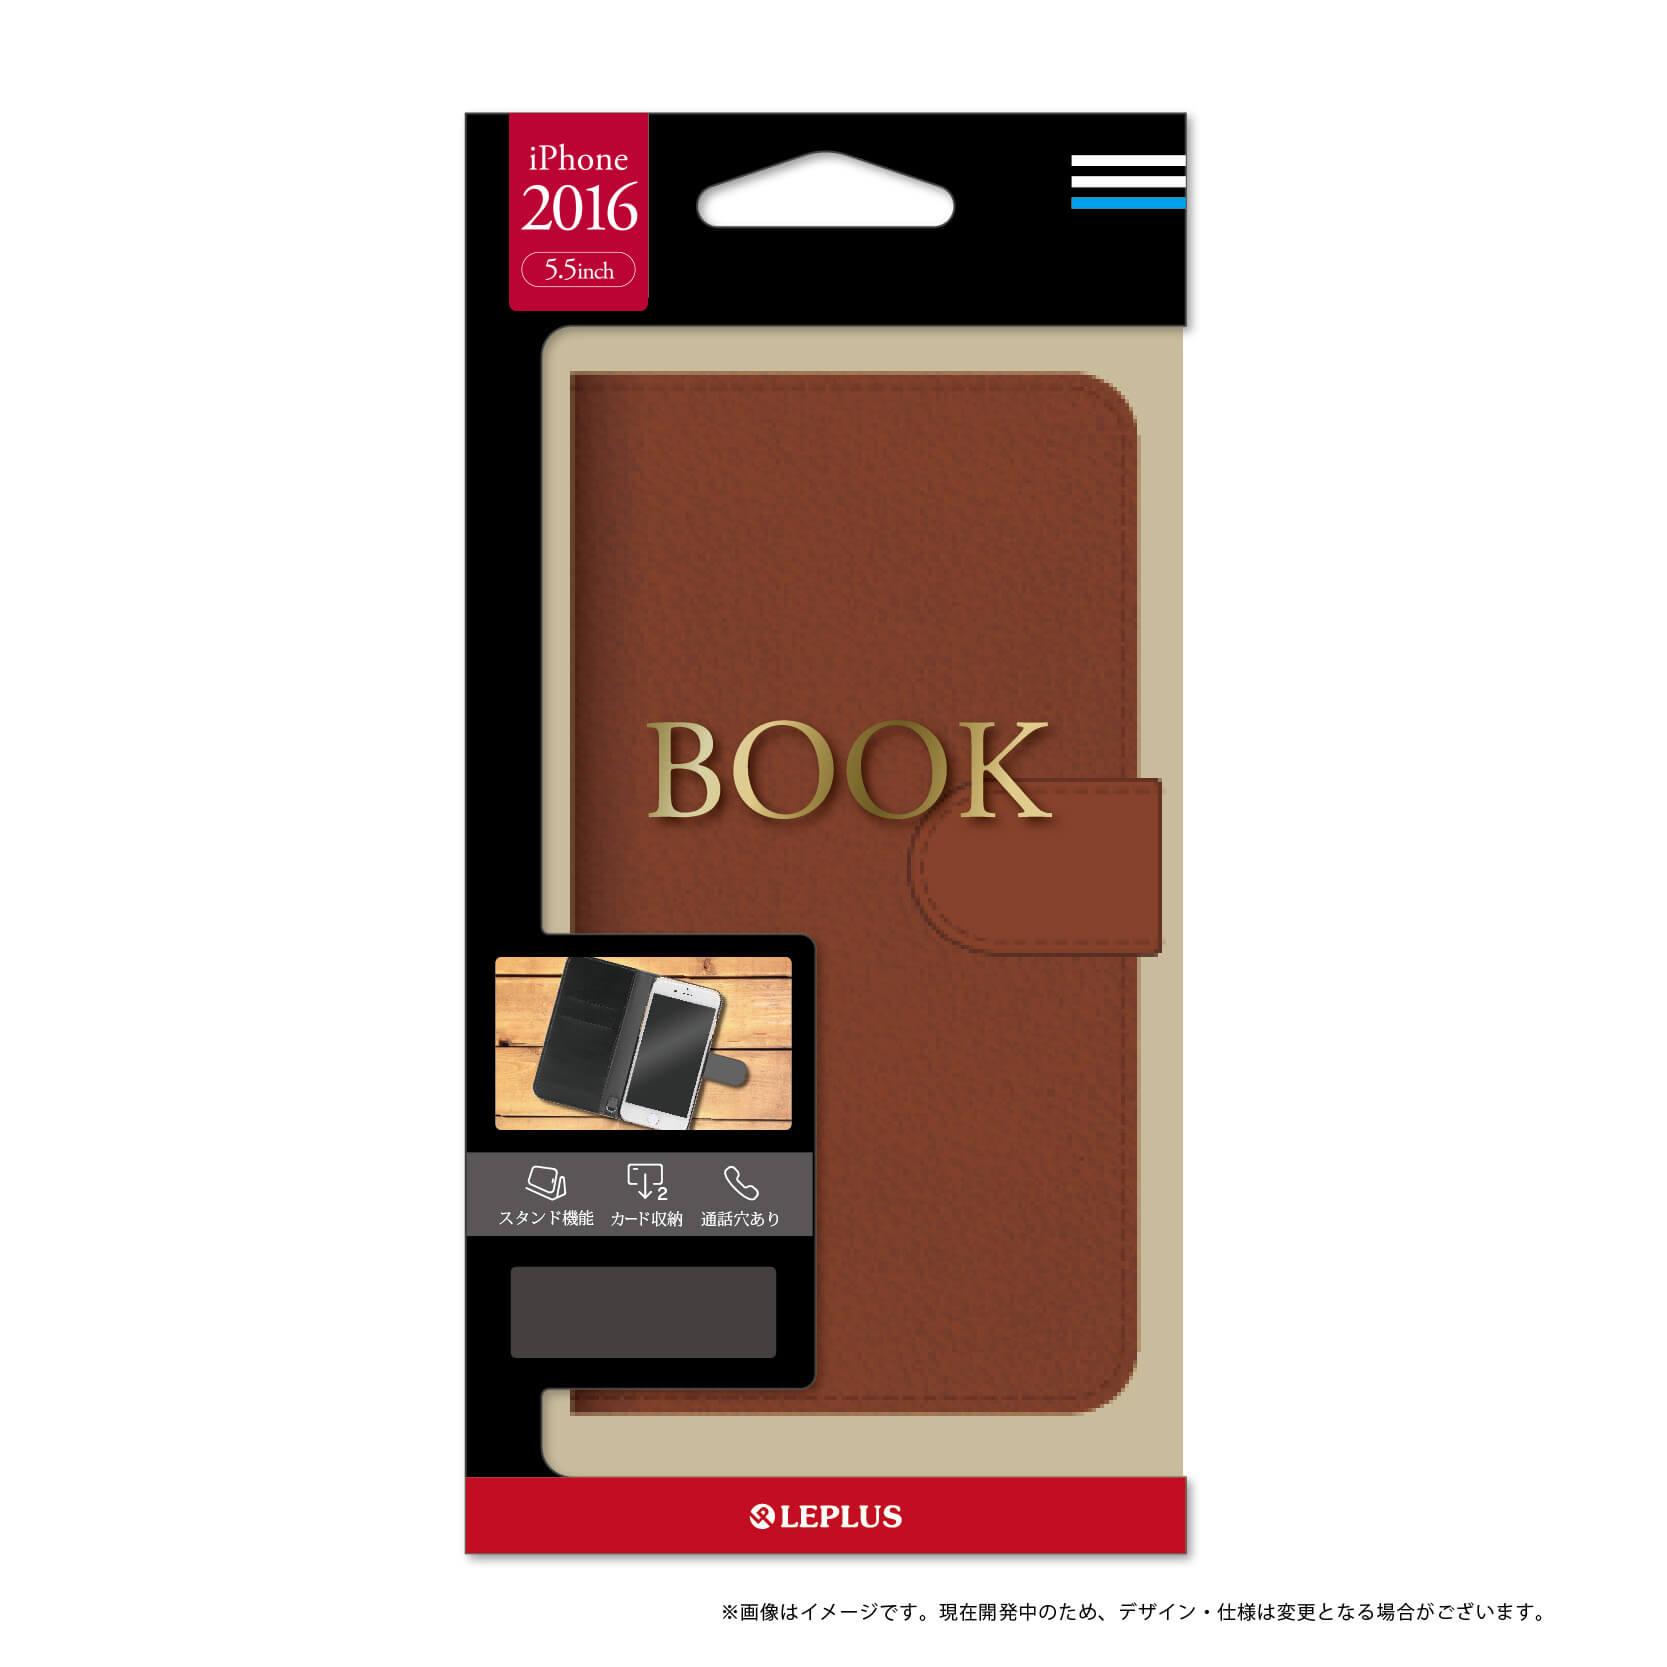 iPhone7 Plus ブックタイプPUレザーケース「BOOK」 キャメル